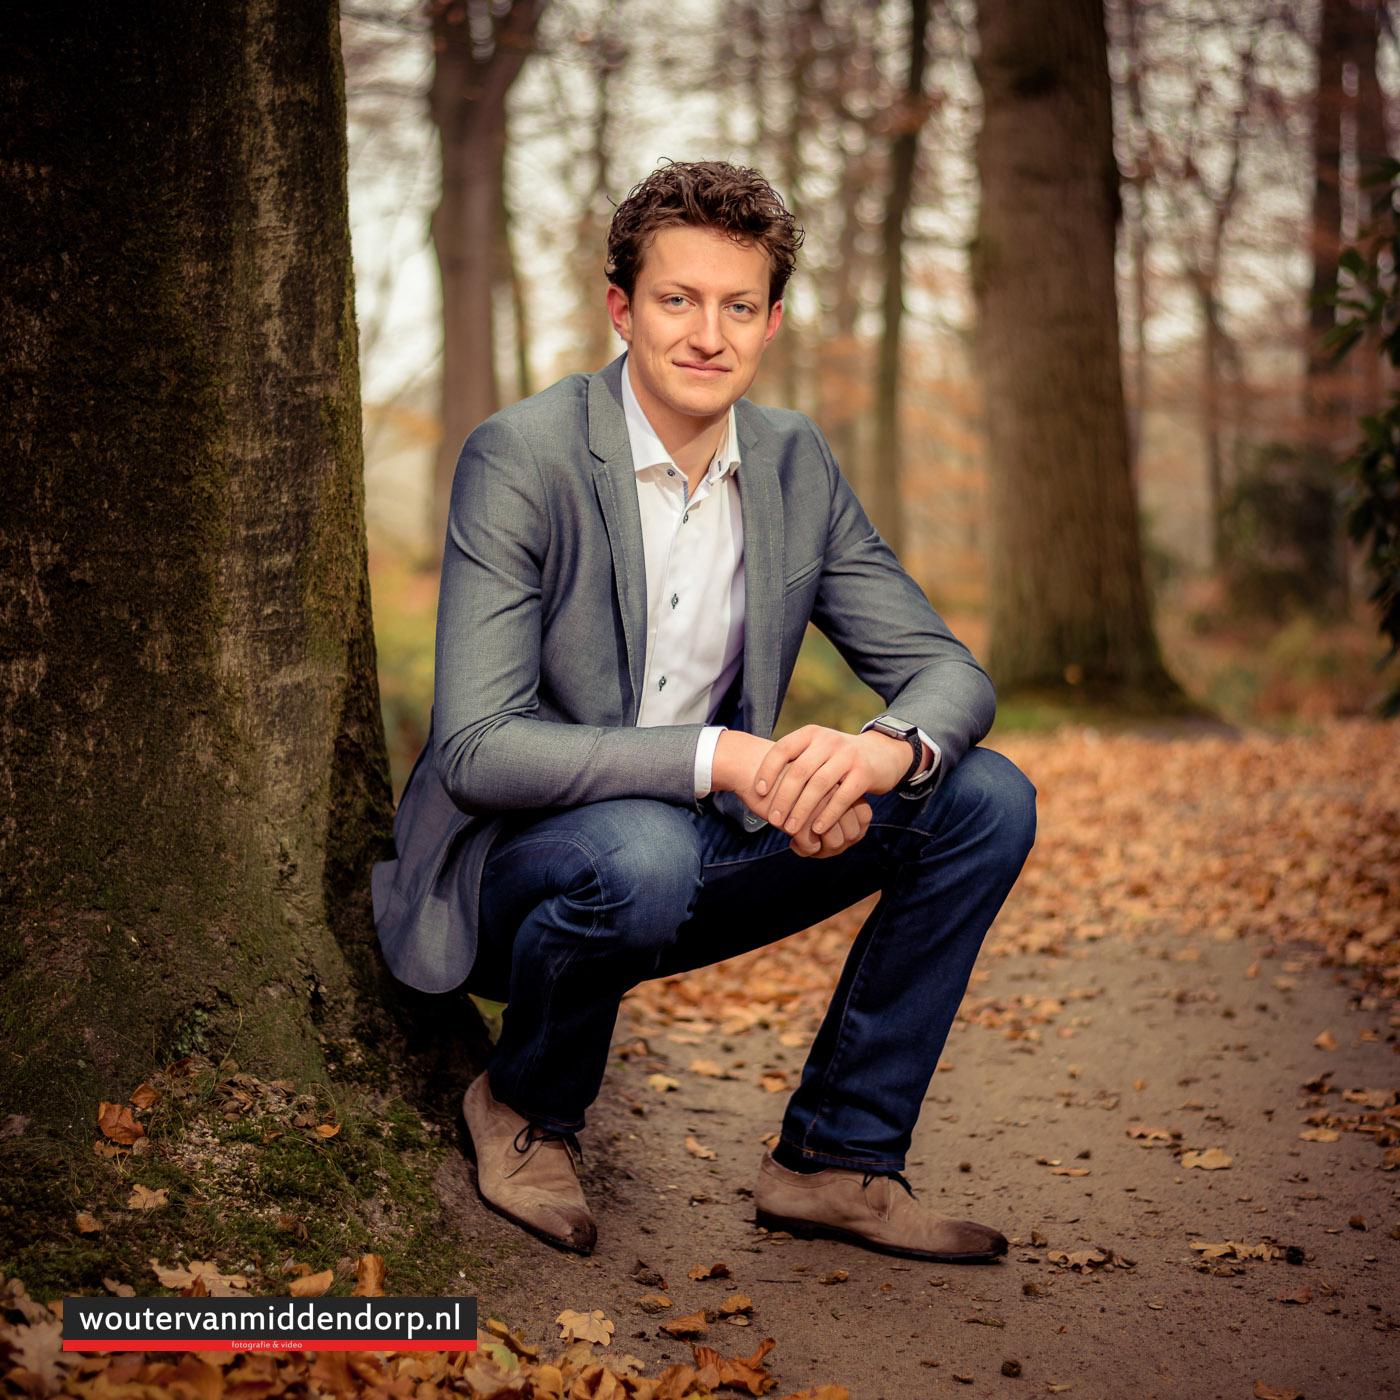 fotograaf Wouter van Middendorp-11